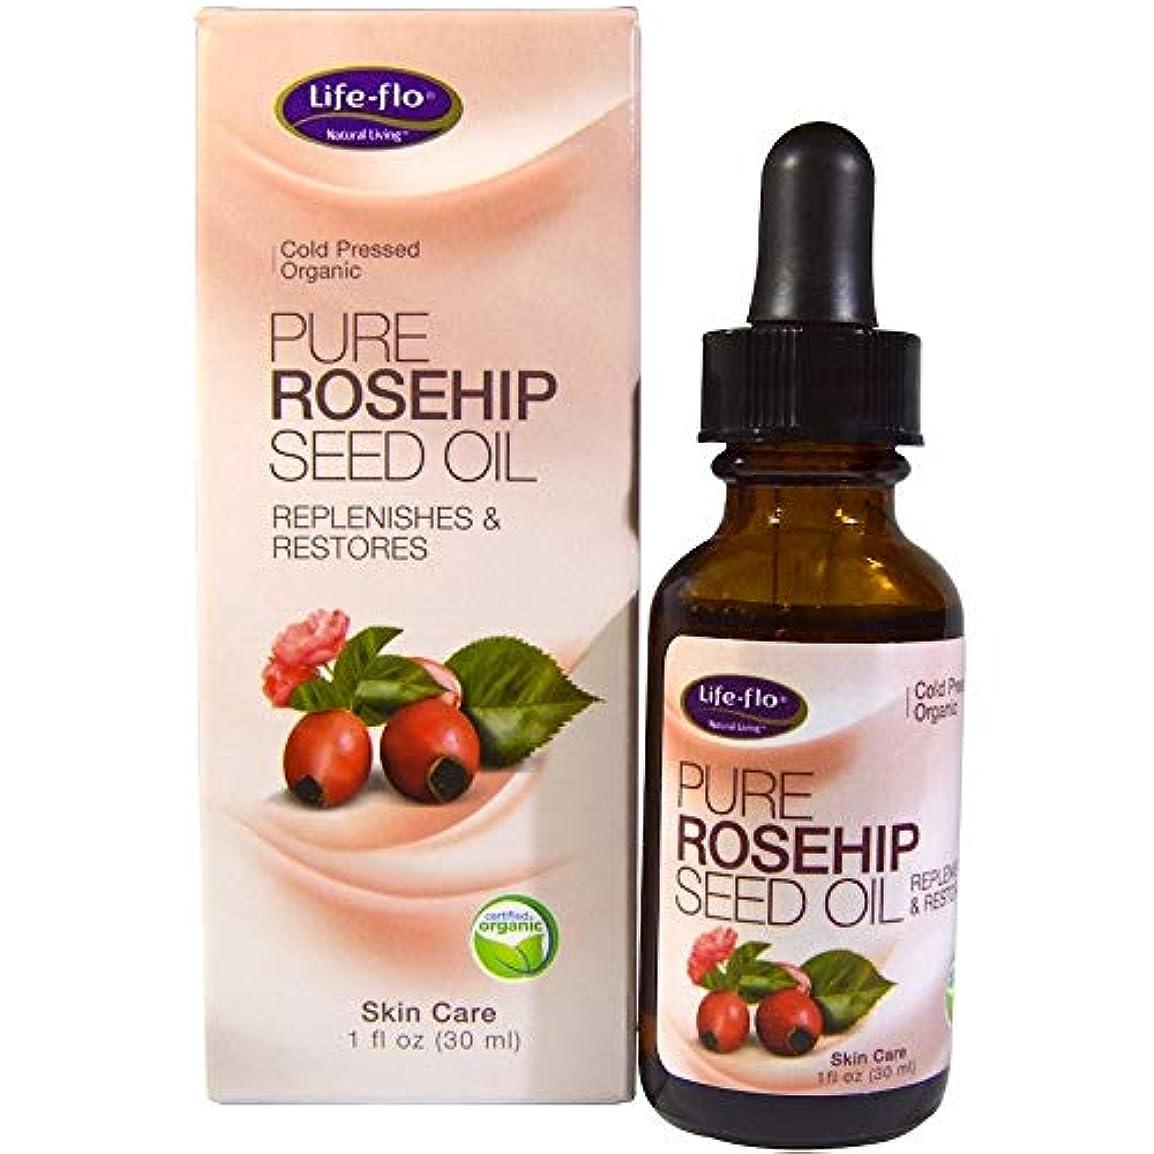 はがき降臨印象的な[並行輸入品] Life-Flo Pure Rosehip Seed Oil, 1 oz x 2パック